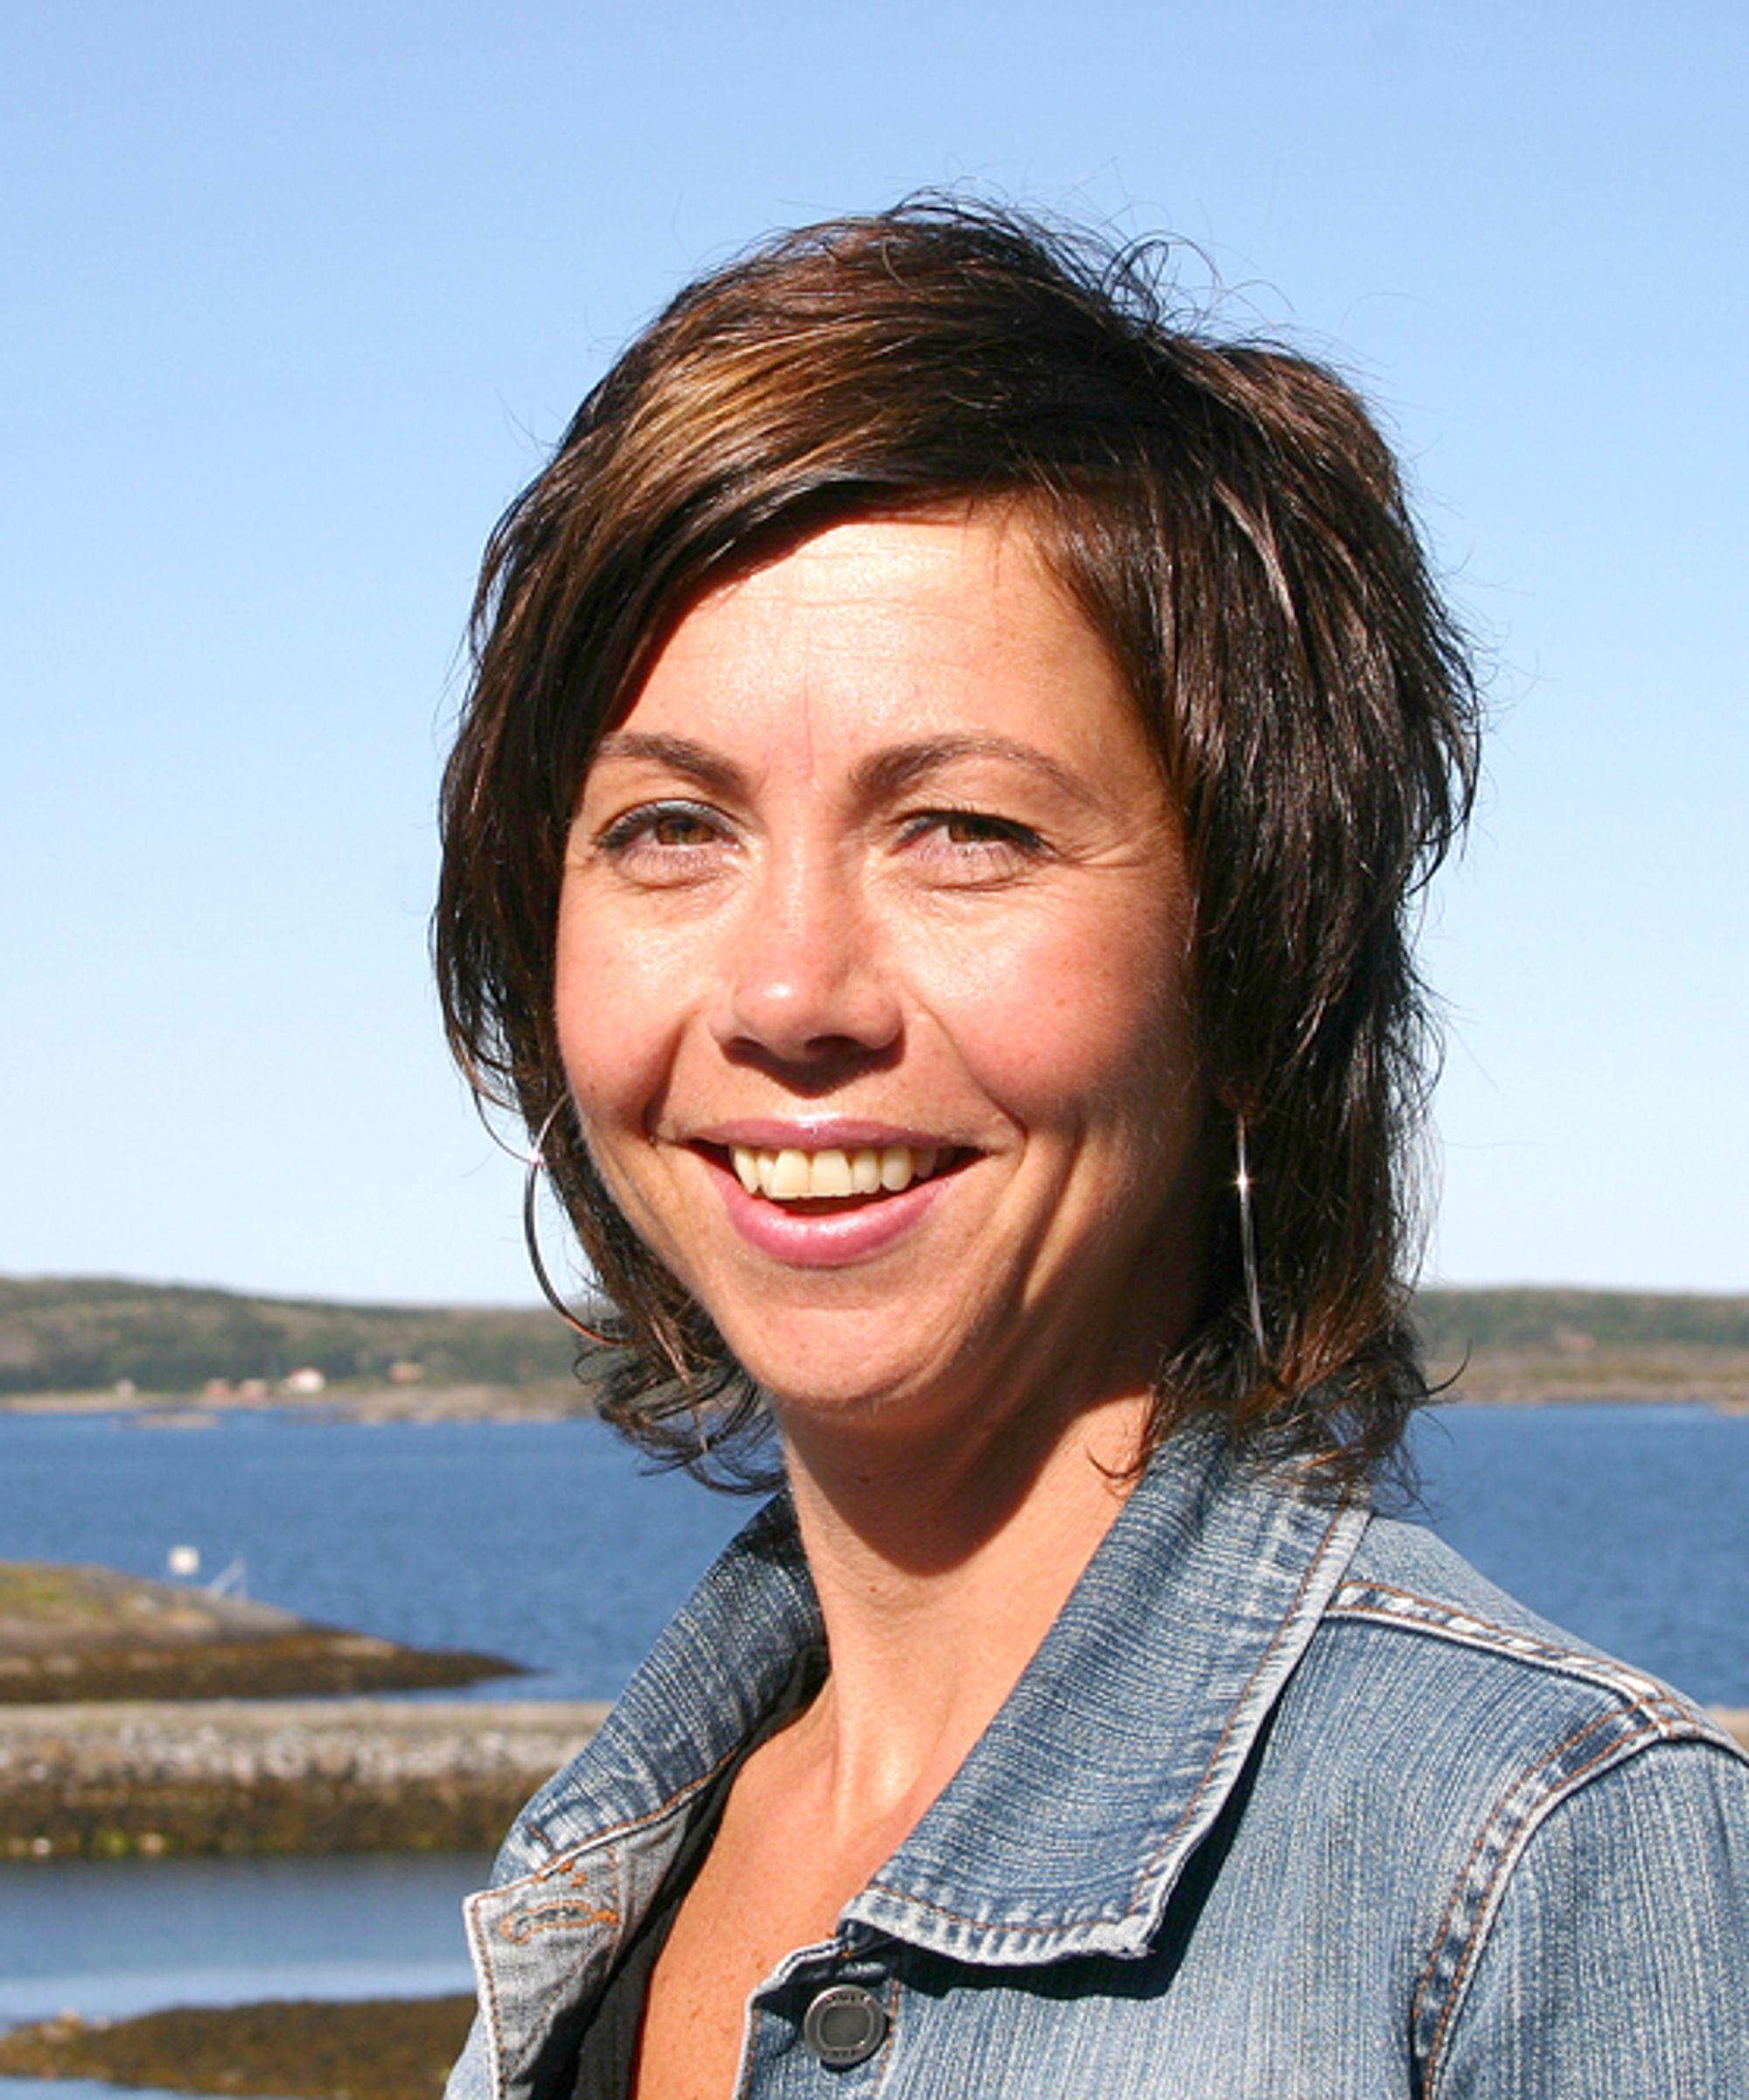 KOMMUNIKASJONSDIREKTØR: Mette Siri Brønmo ved Brønnøysundregistrene.